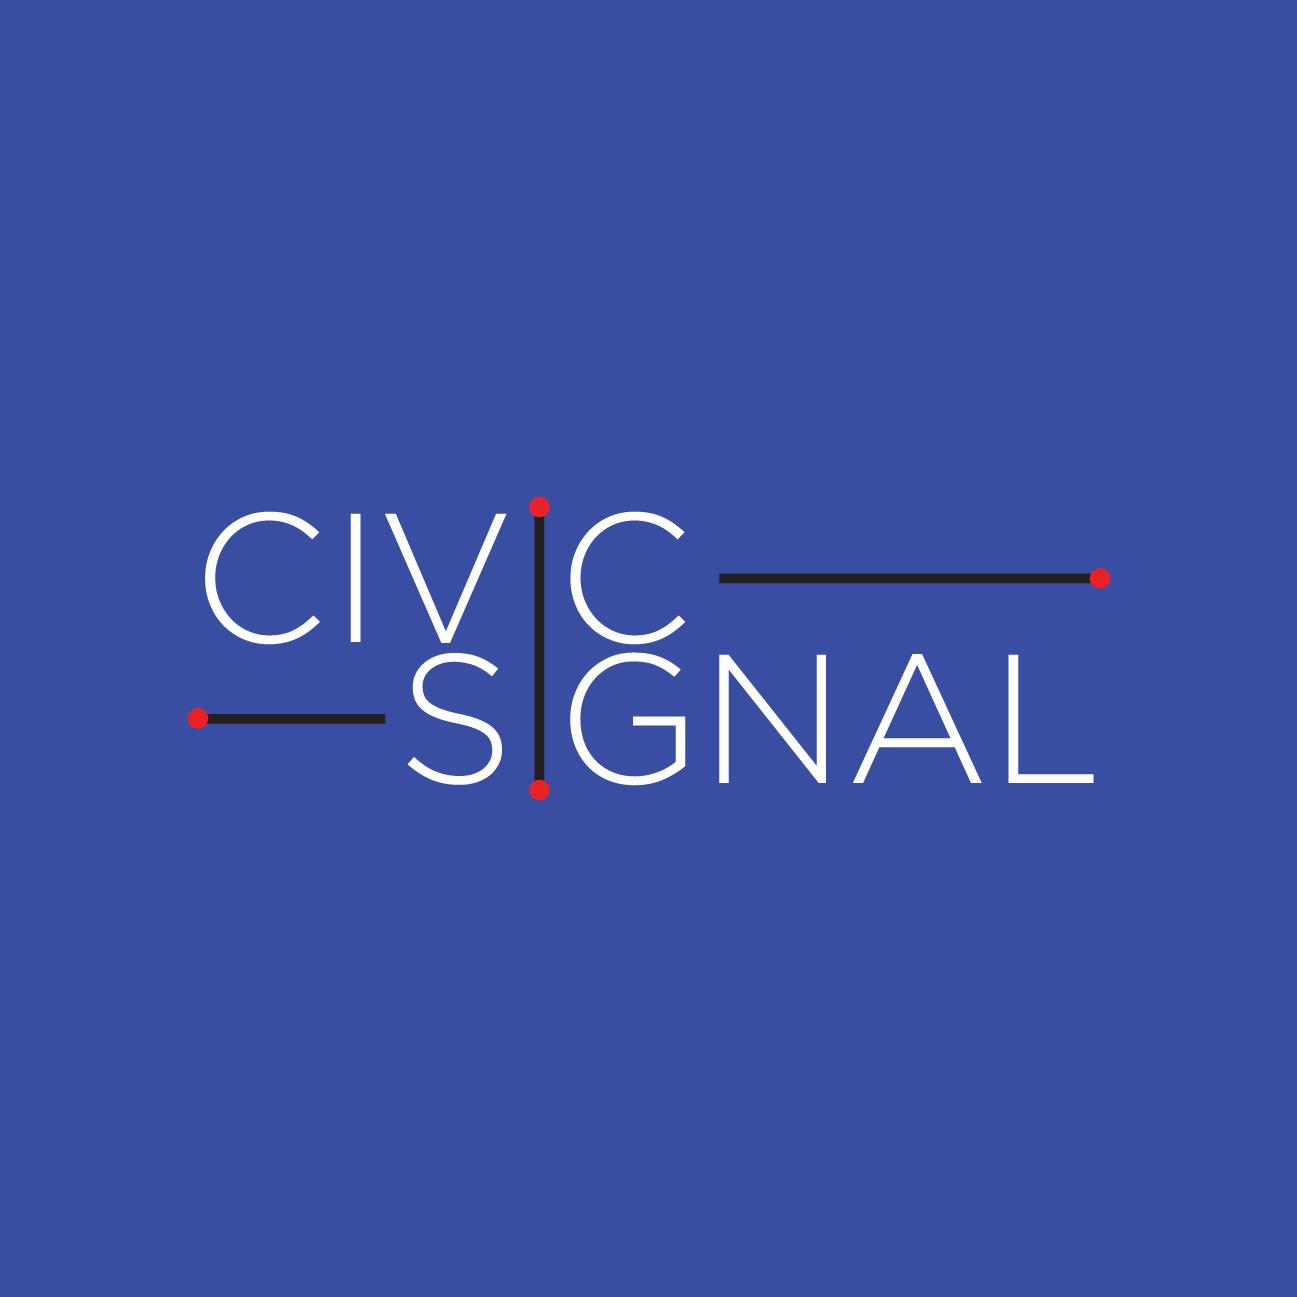 civicsignal